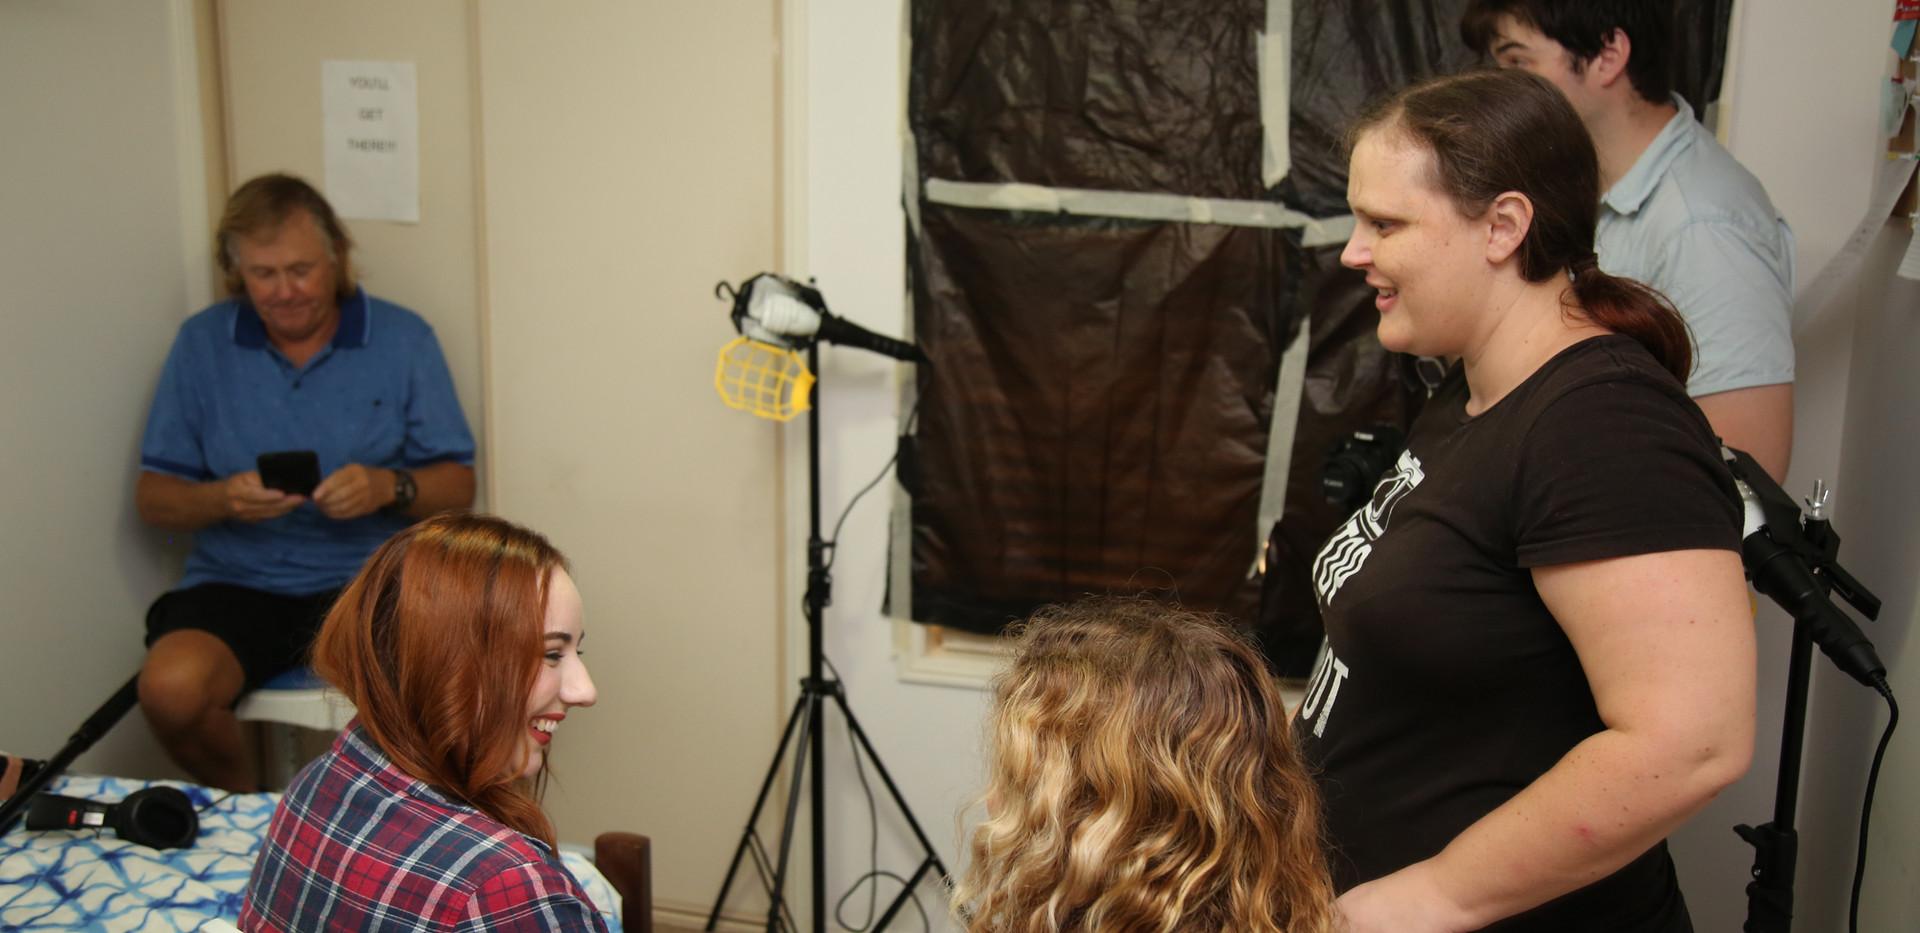 On Mia Morris' Diary Film Set